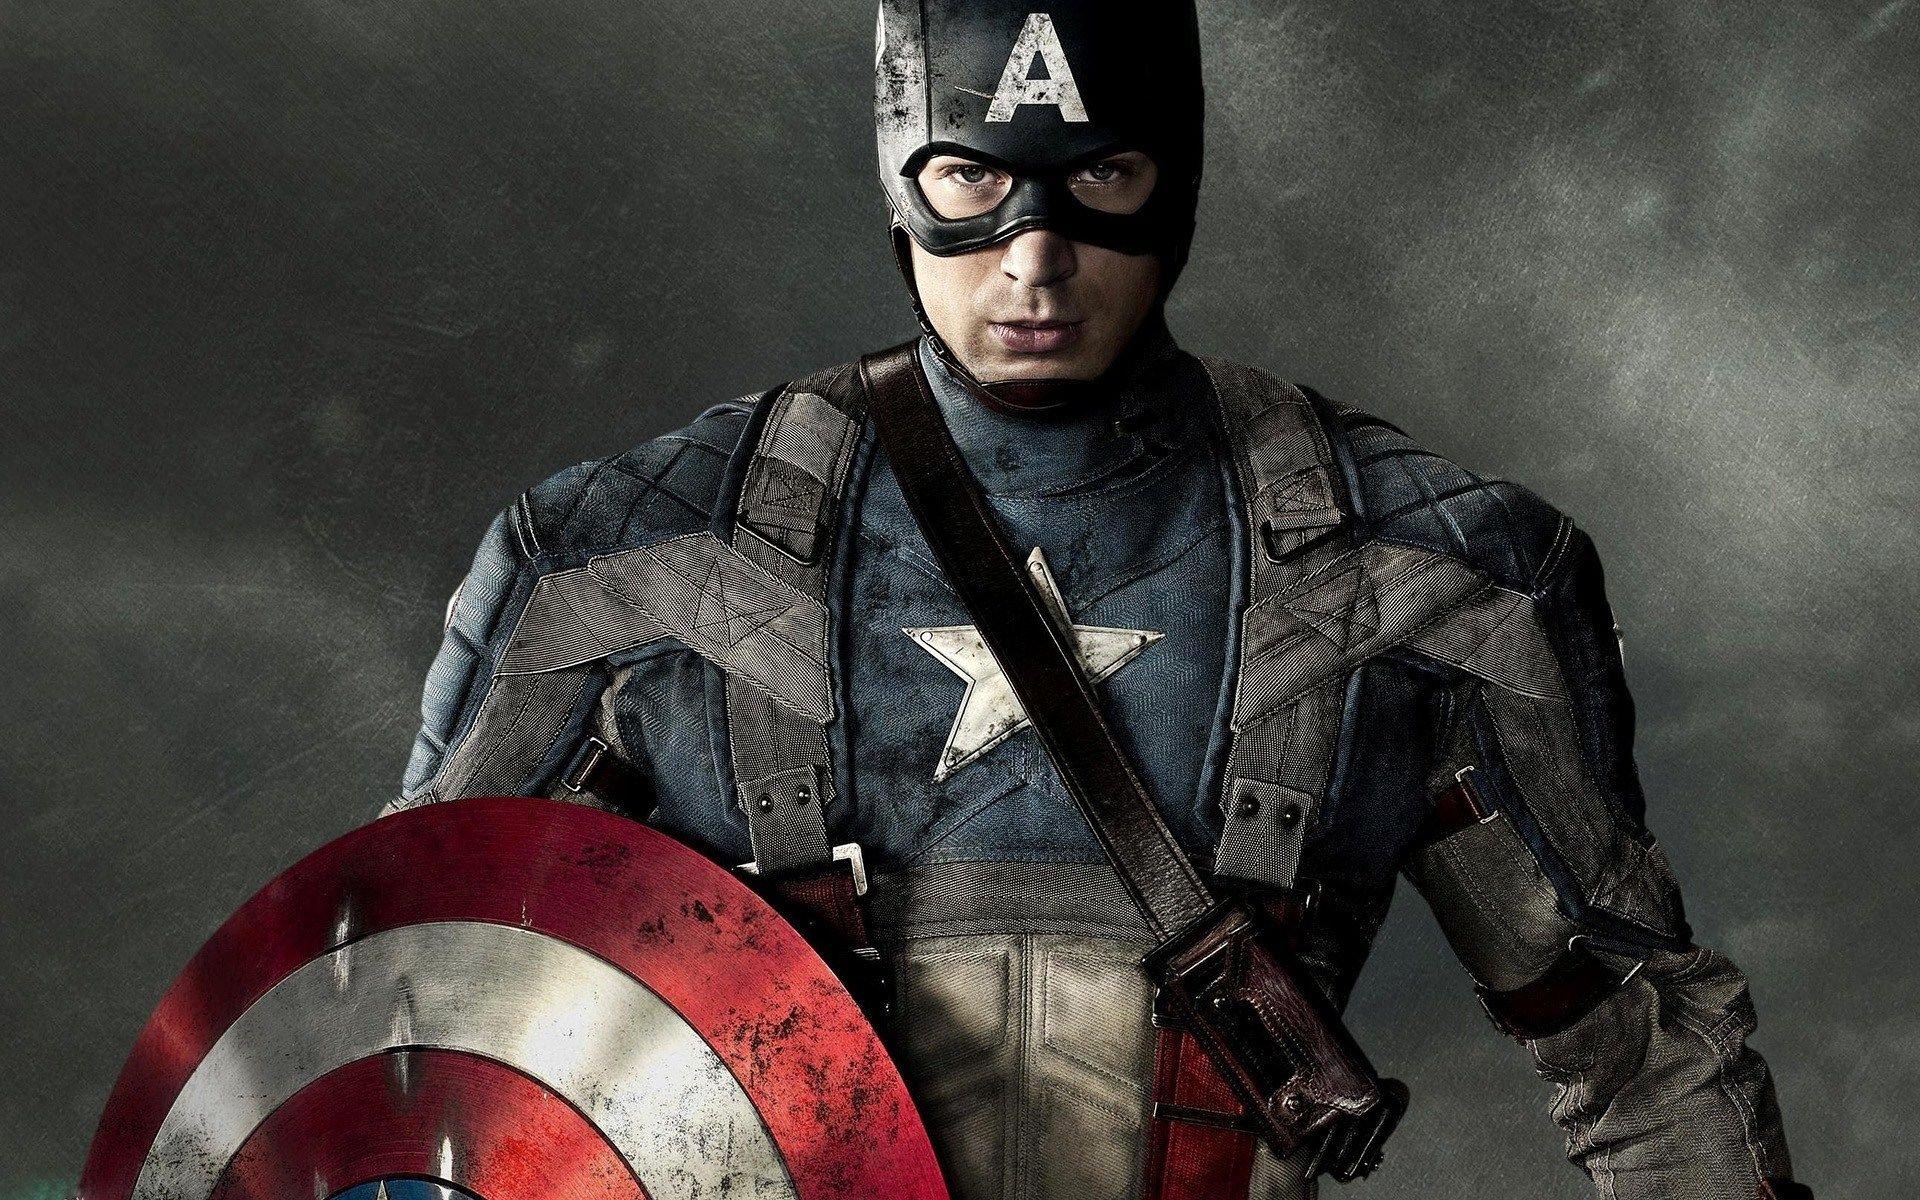 Captain America Civil War 4k: Captain America Civil War 2, HD Movies, 4k Wallpapers